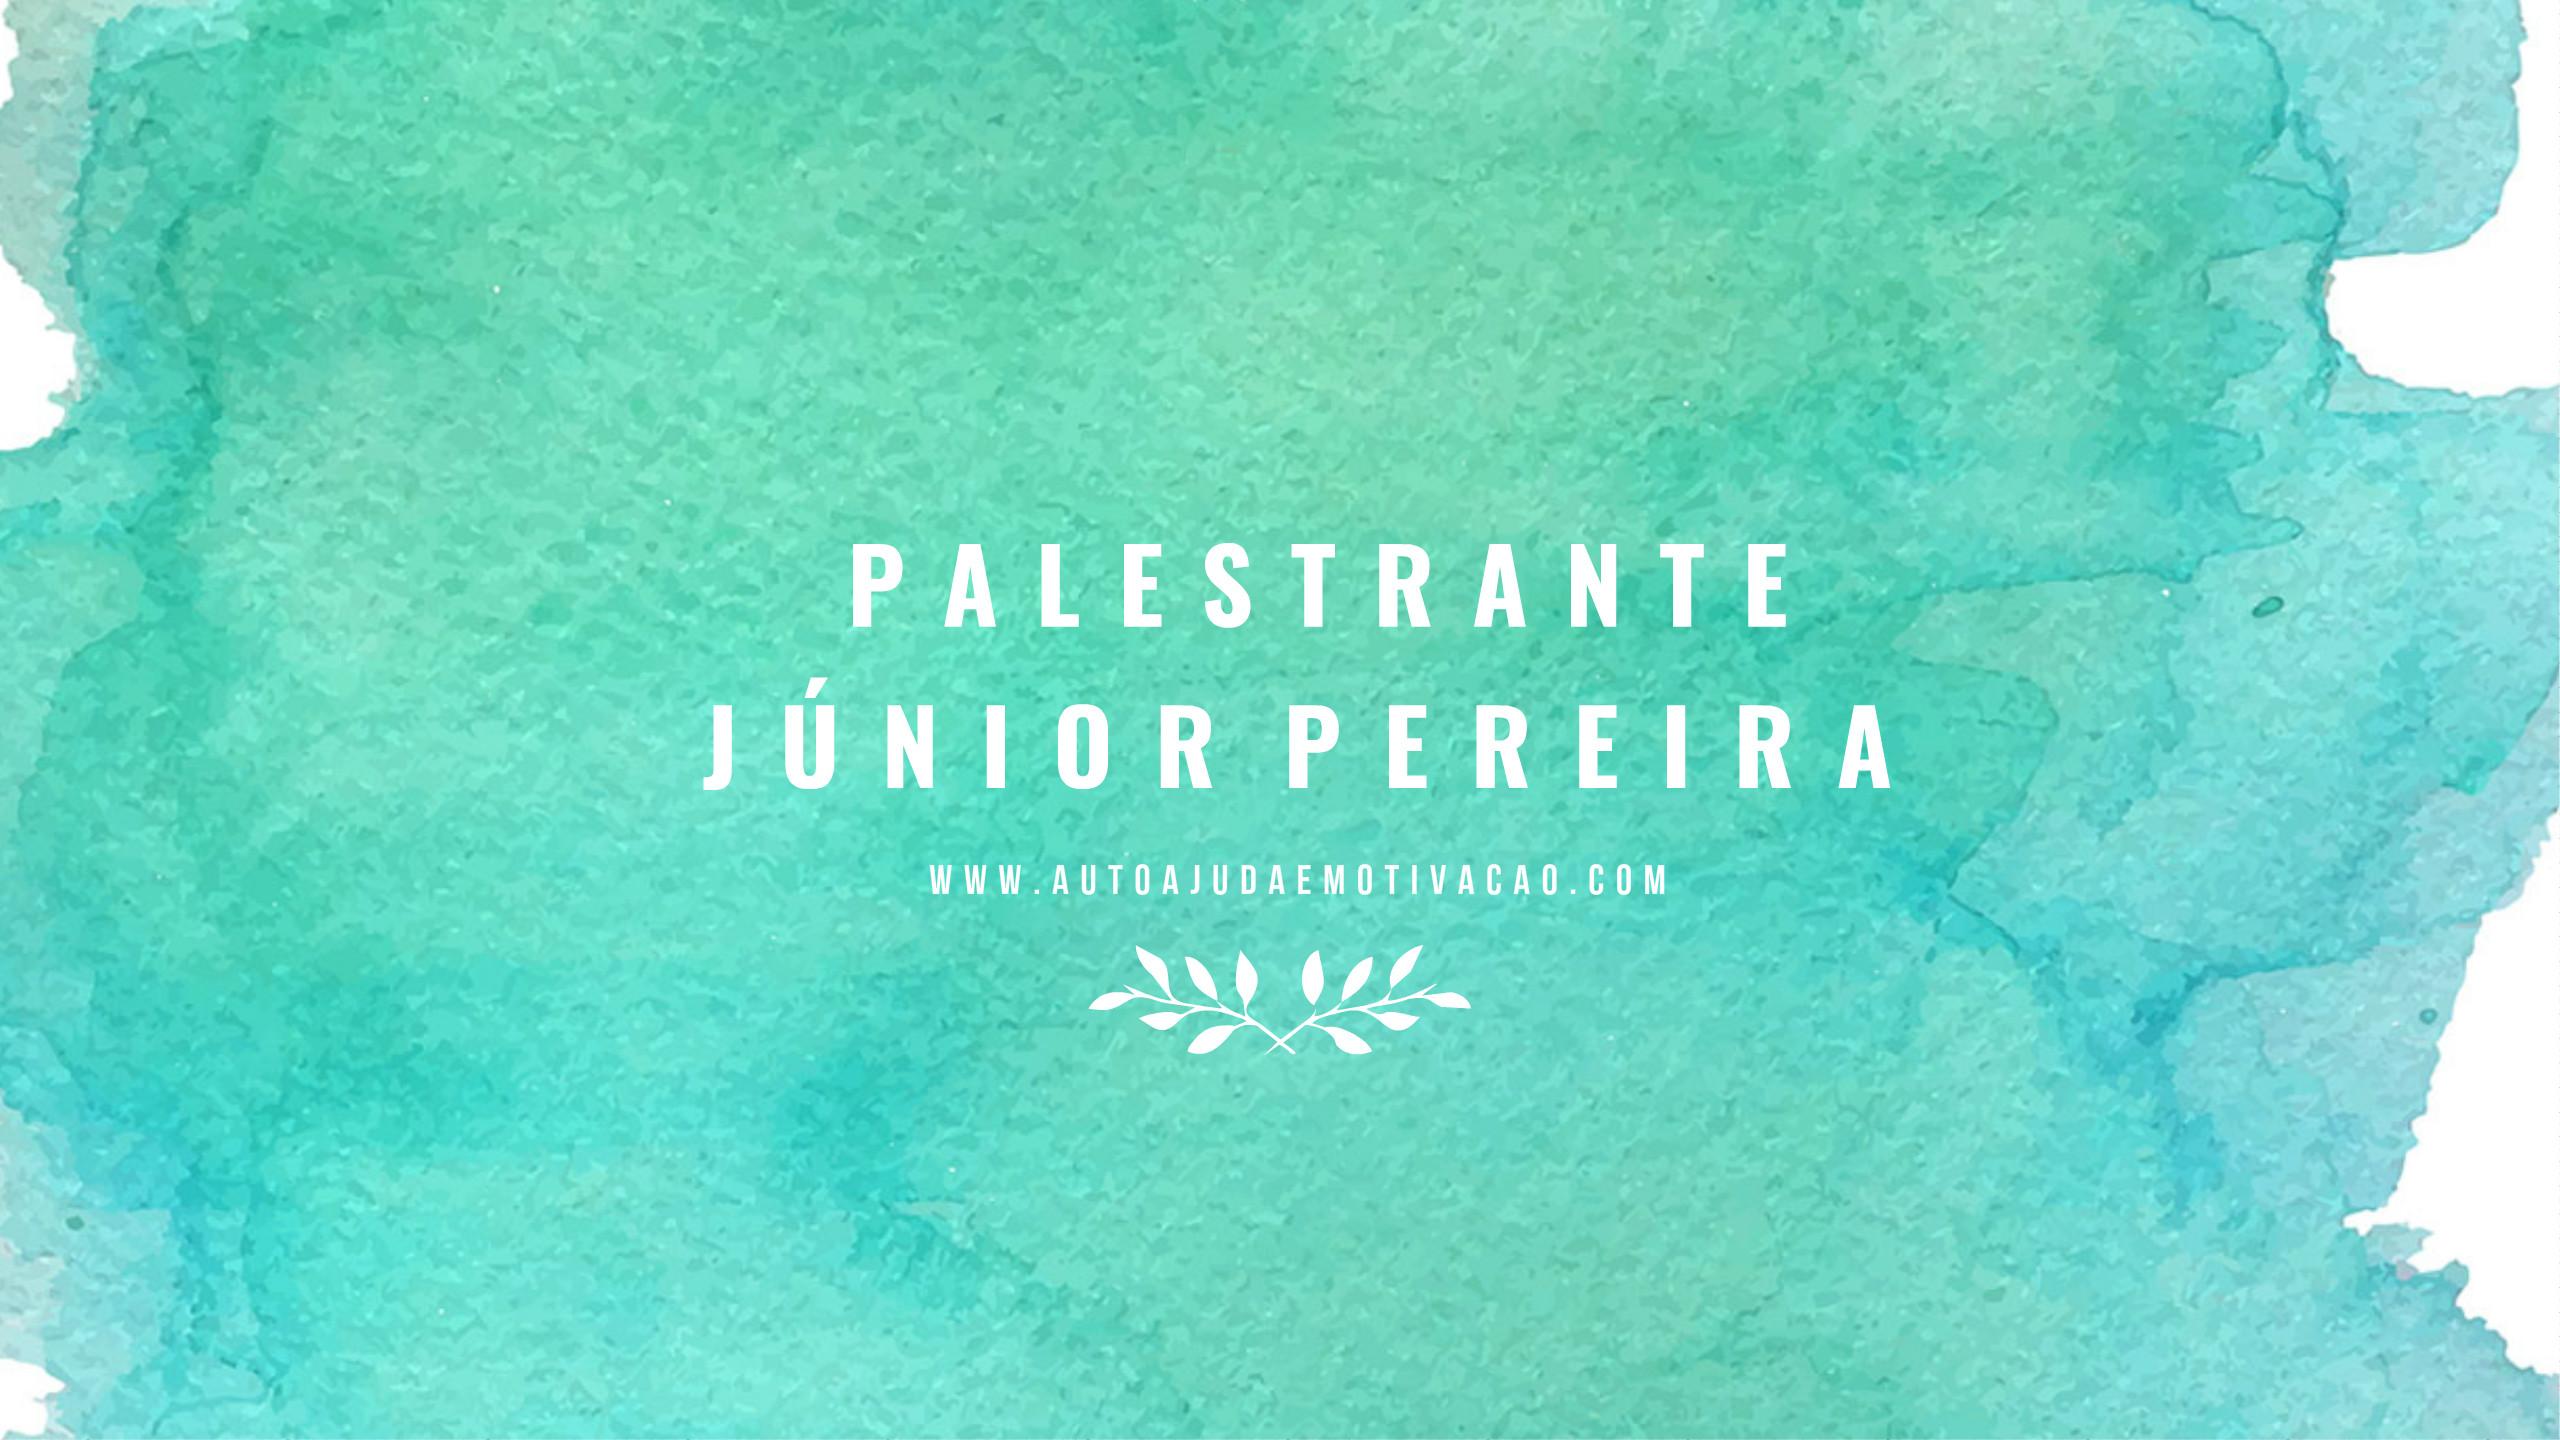 Foco no objetivo. Por Palestrante Júnior Pereira, Auto ajuda e Motivação. (2)